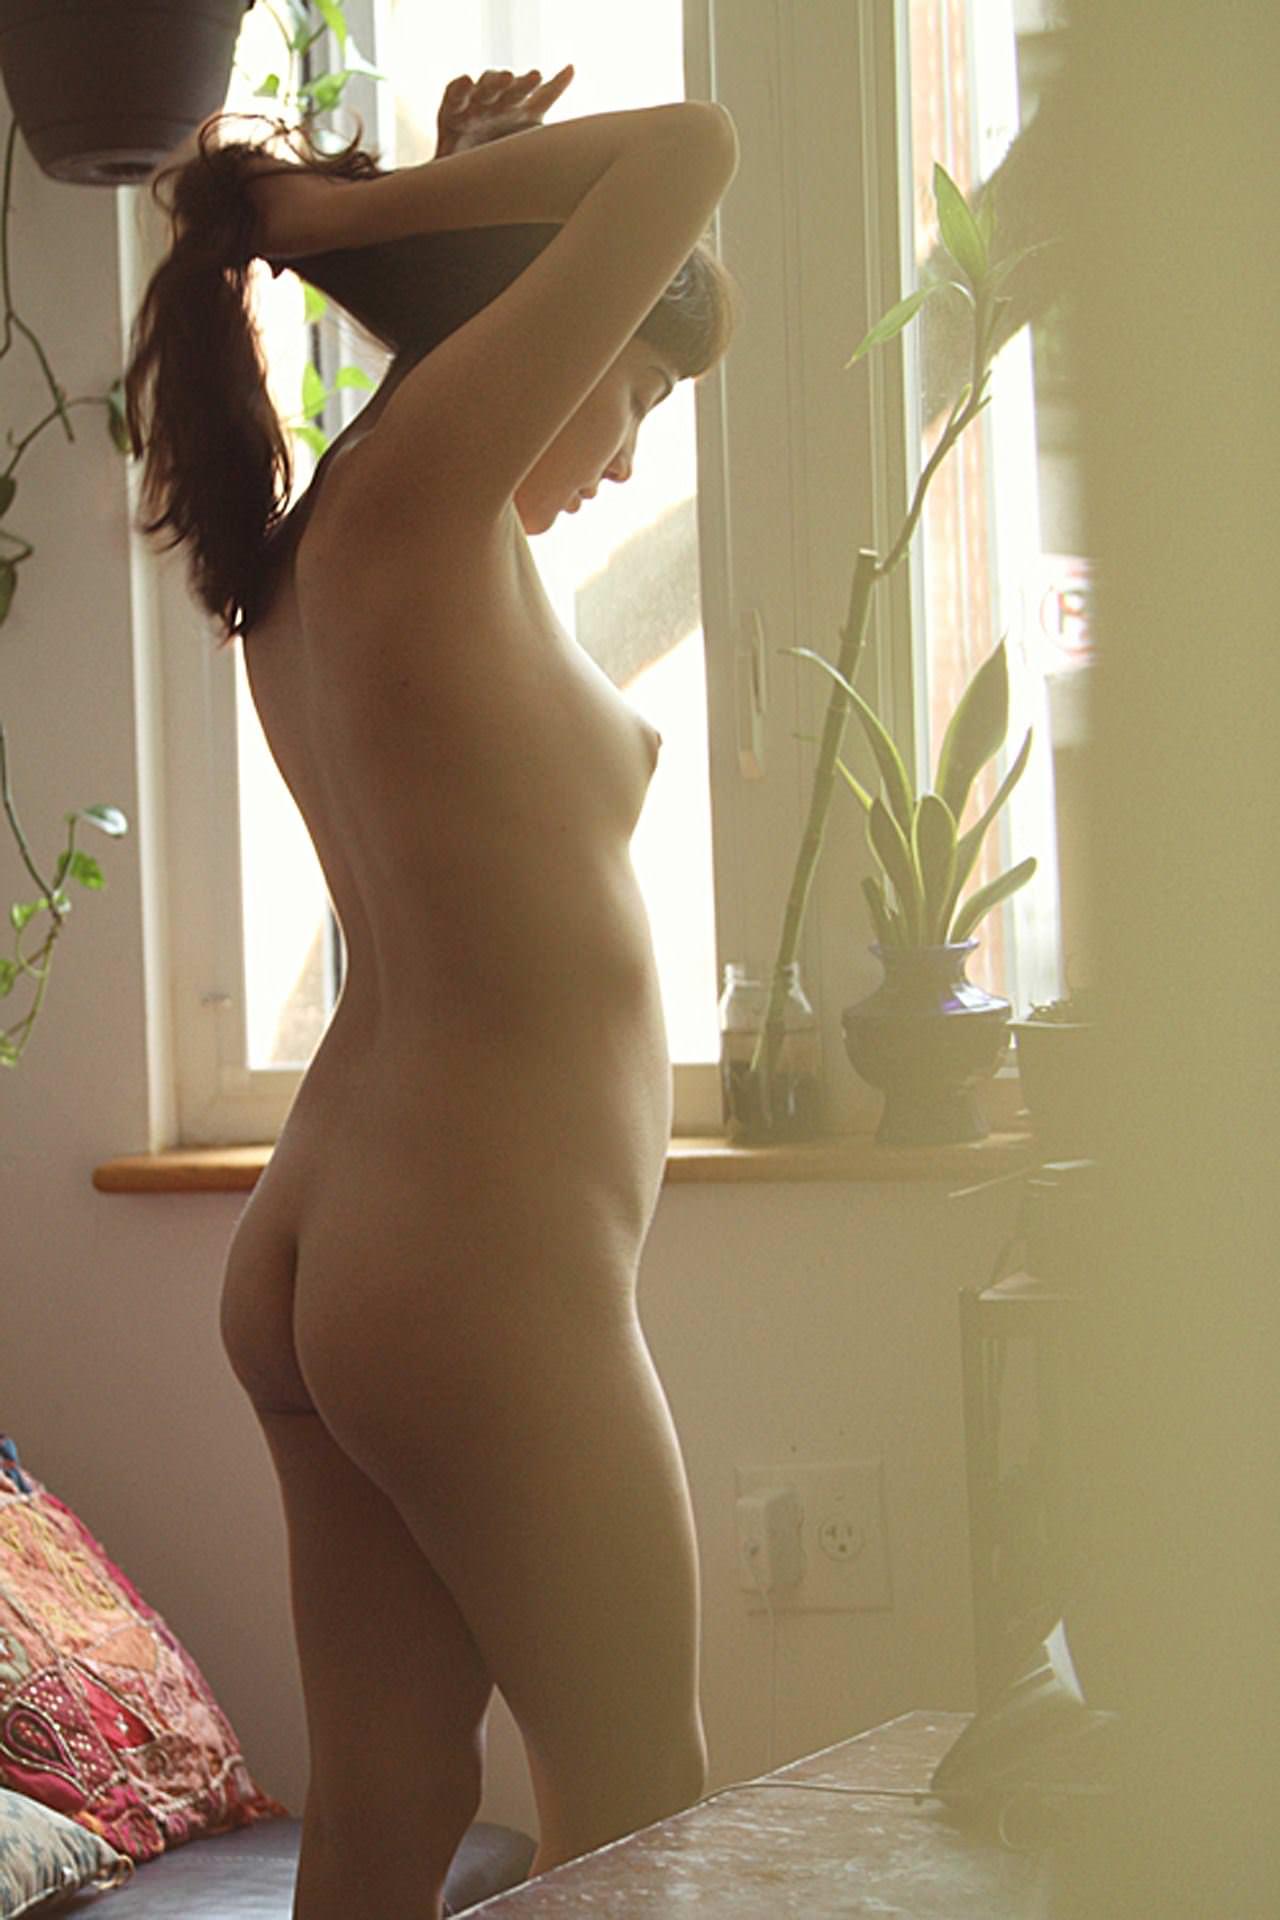 【外人】人気写真家ジョー·ウェナーの隠し撮り系アートのポルノ画像 14210